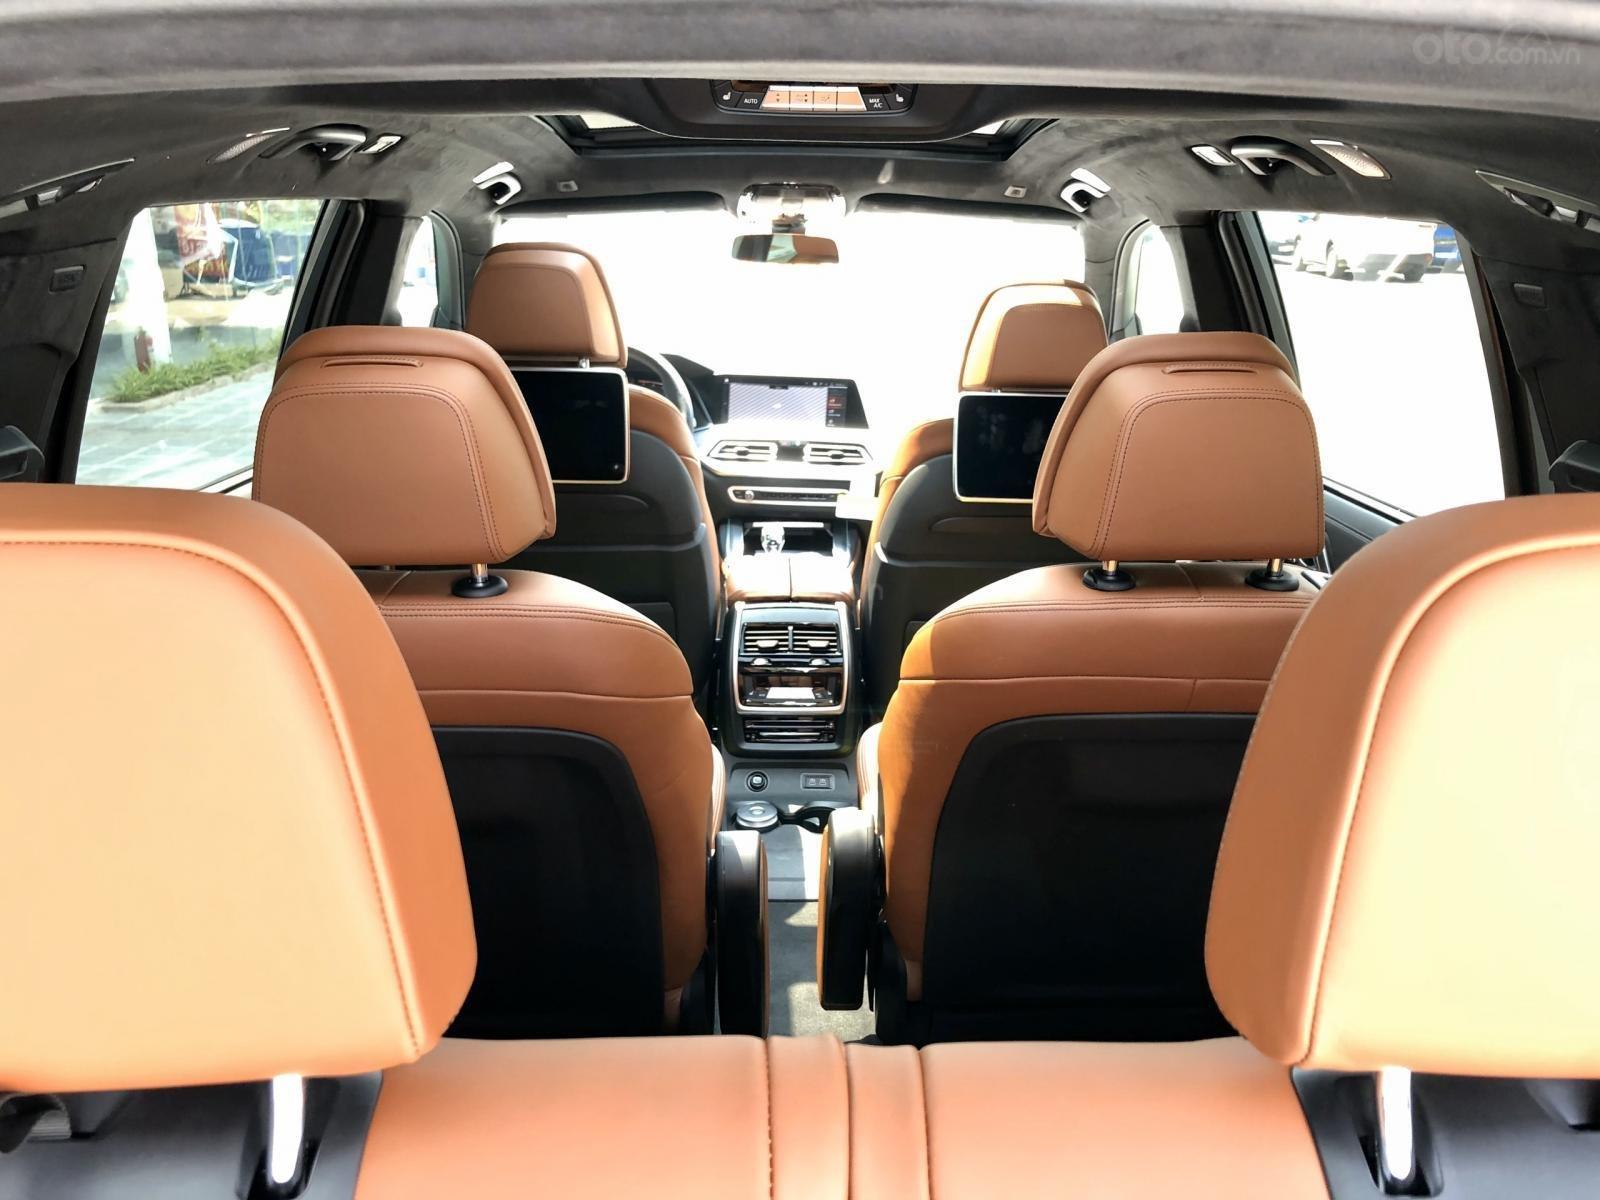 Bán BMW X7 xDrive 40i 2019 Hồ Chí Minh, giá tốt giao xe ngay toàn quốc, LH trực tiếp 0844.177.222 (12)